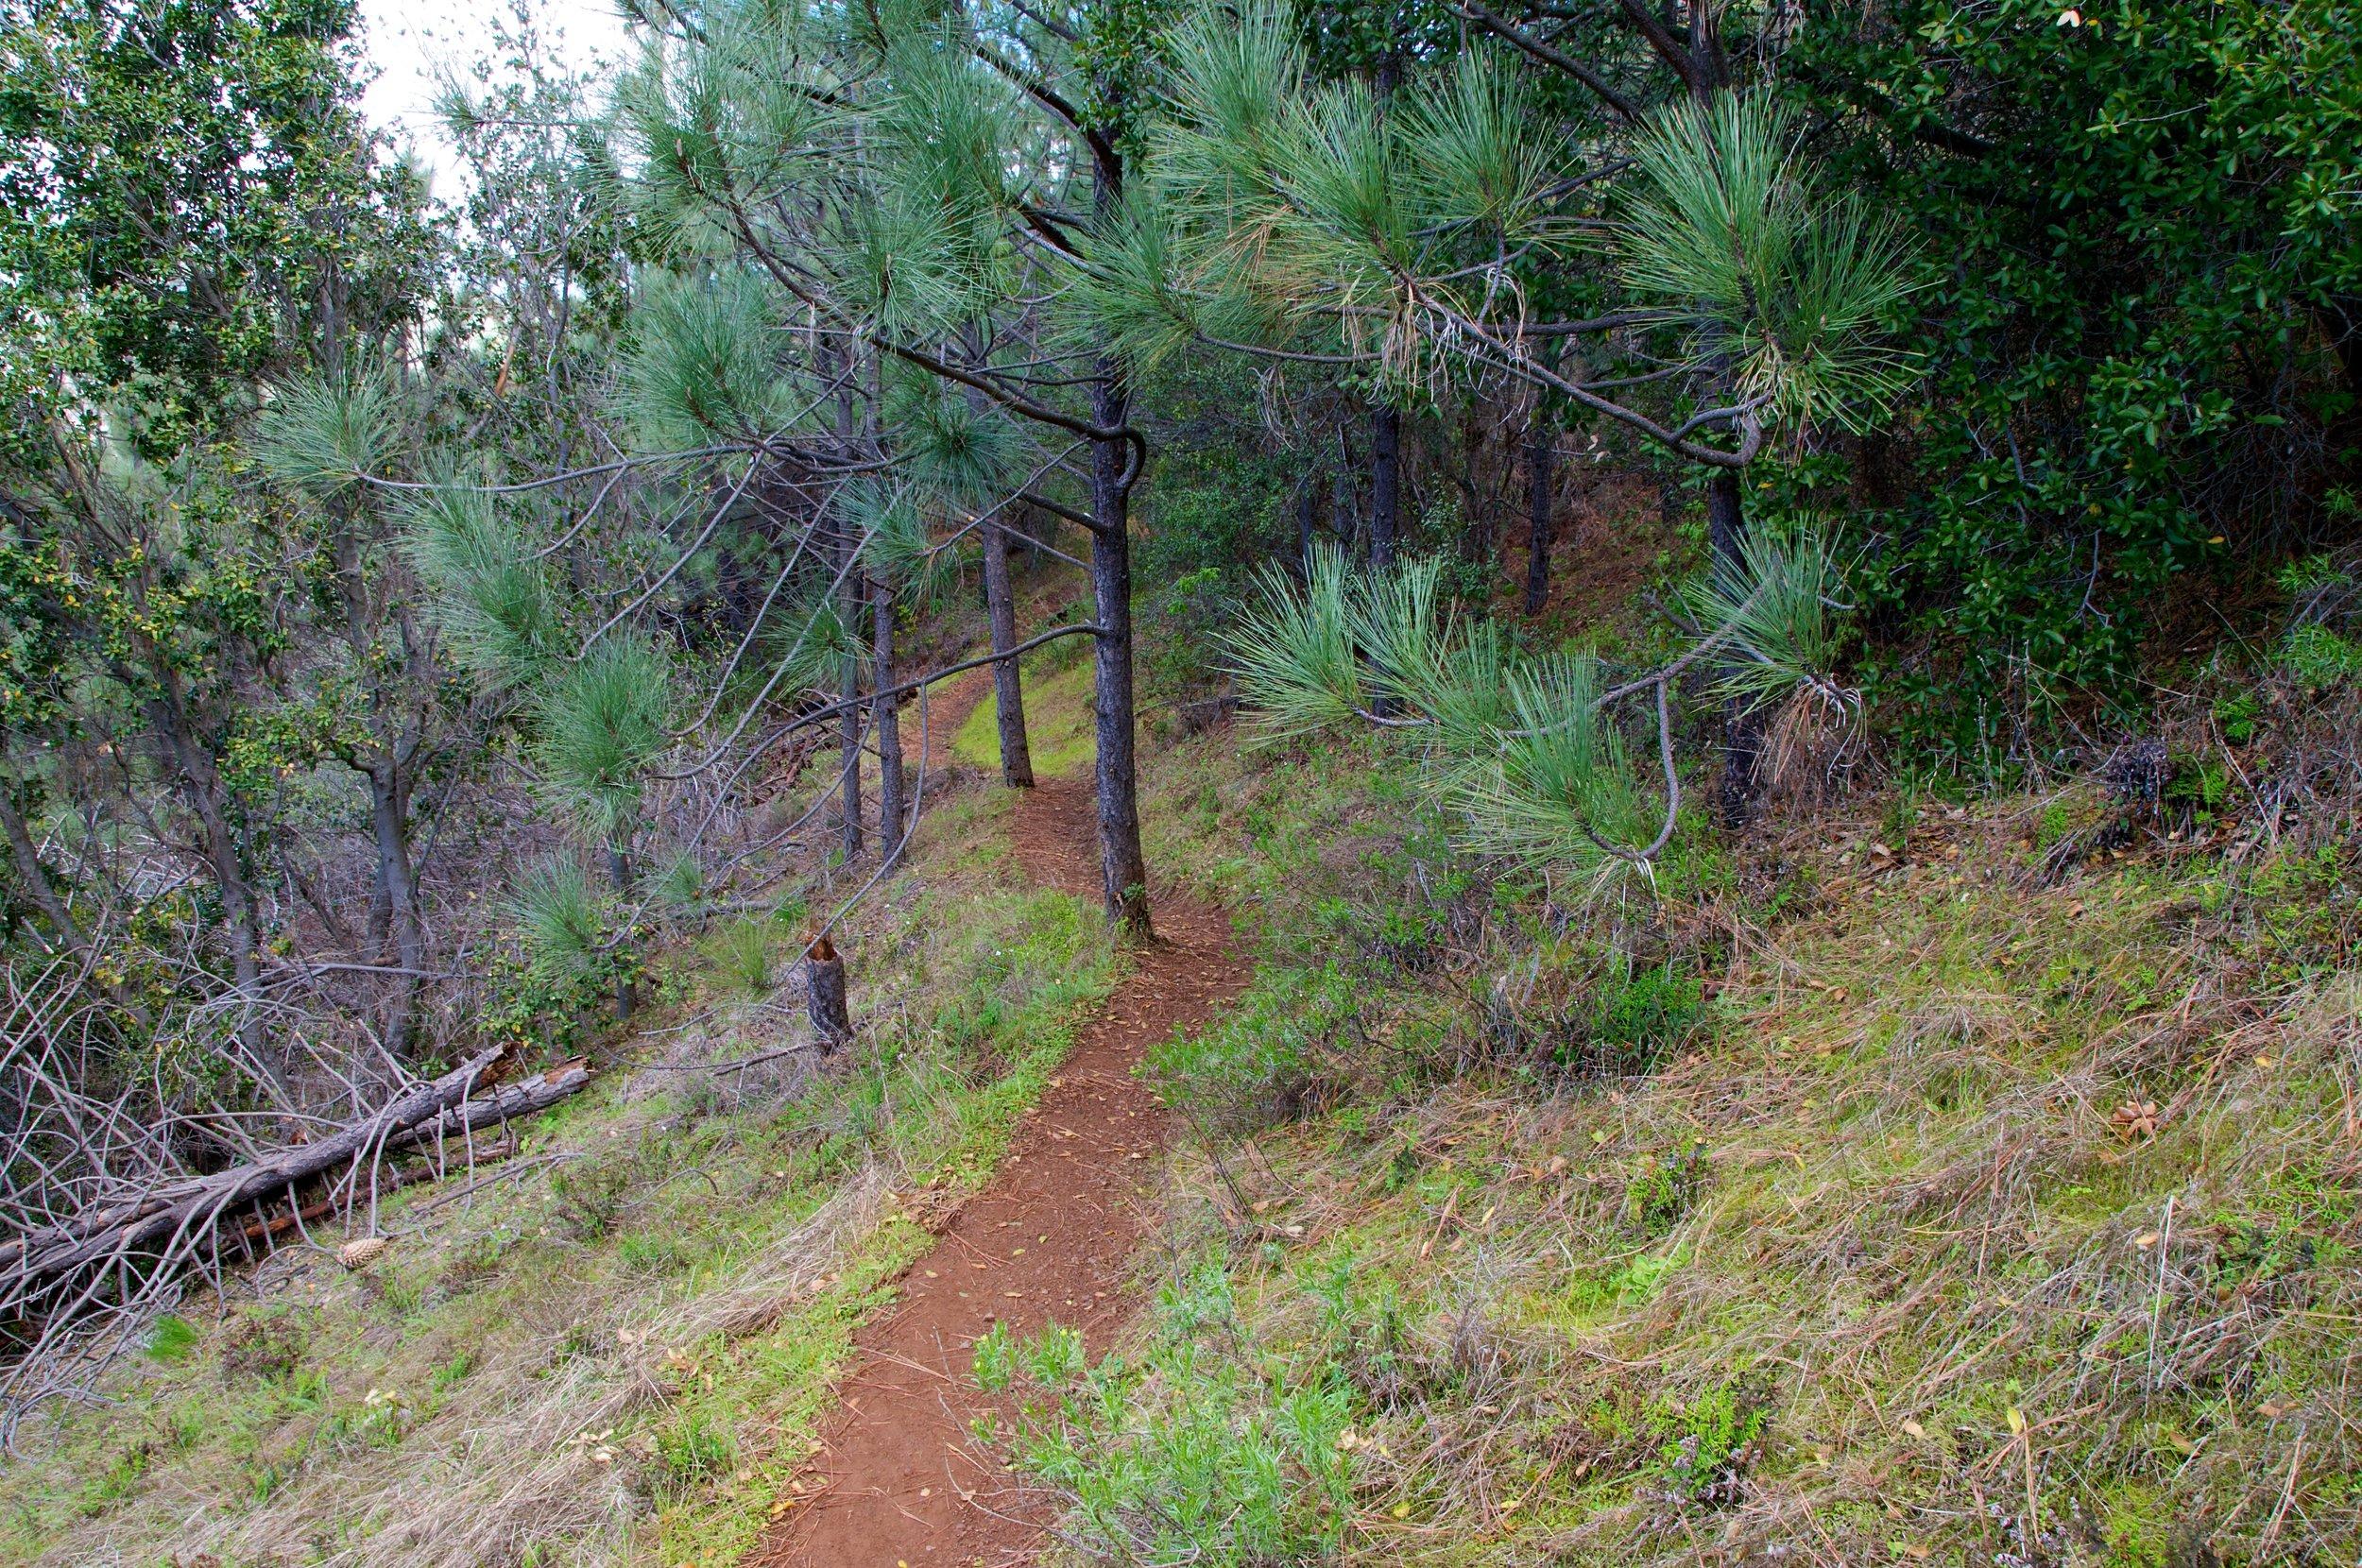 Mt. Diablo Hike 2_12_2011 - 2011-02-21 at 11-32-27.jpg